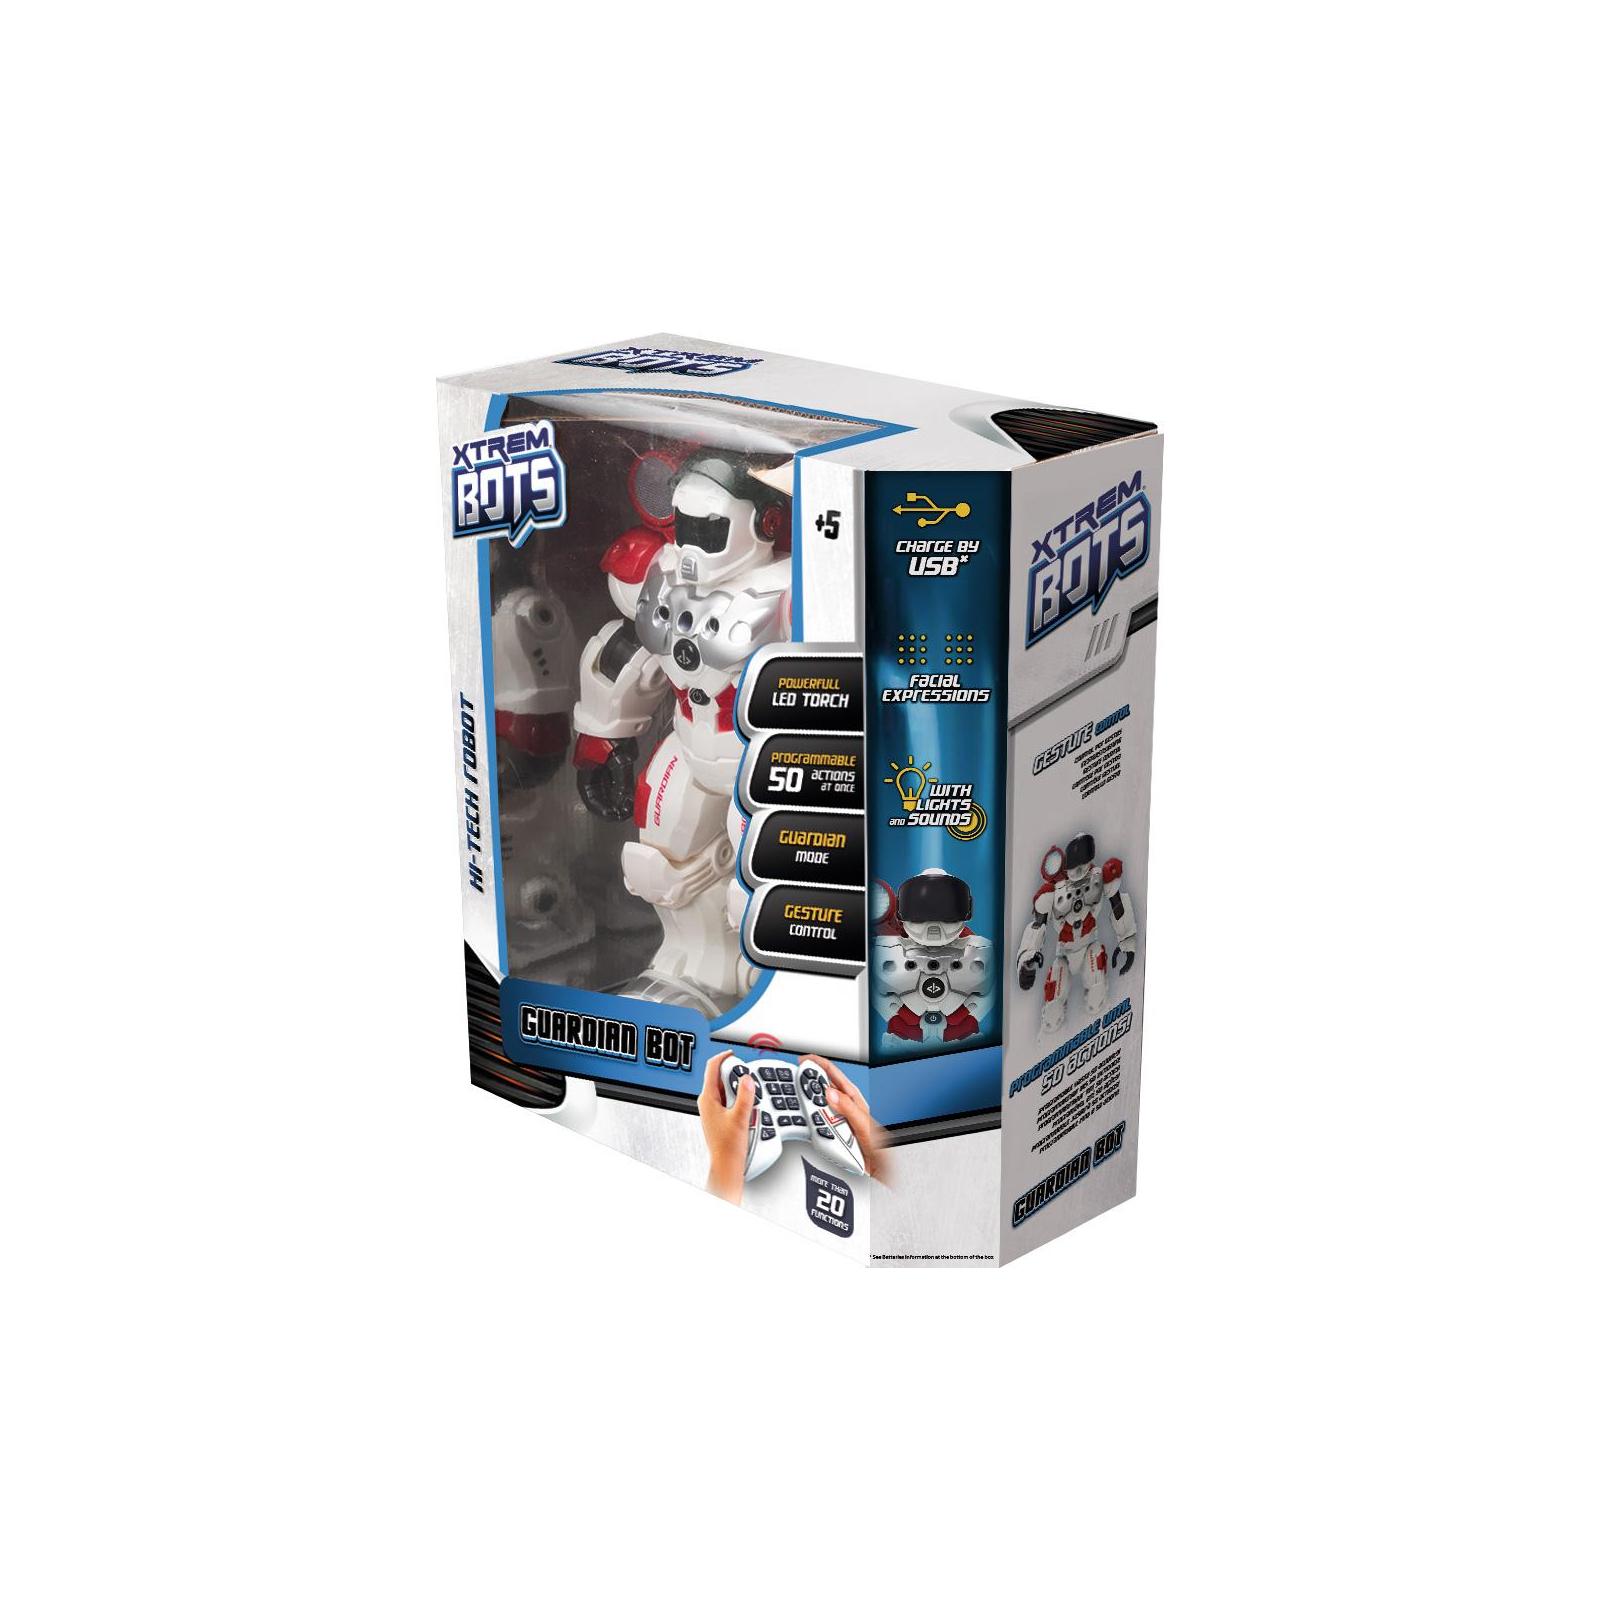 Интерактивная игрушка Blue Rocket робот Защитник (XT380771) изображение 6